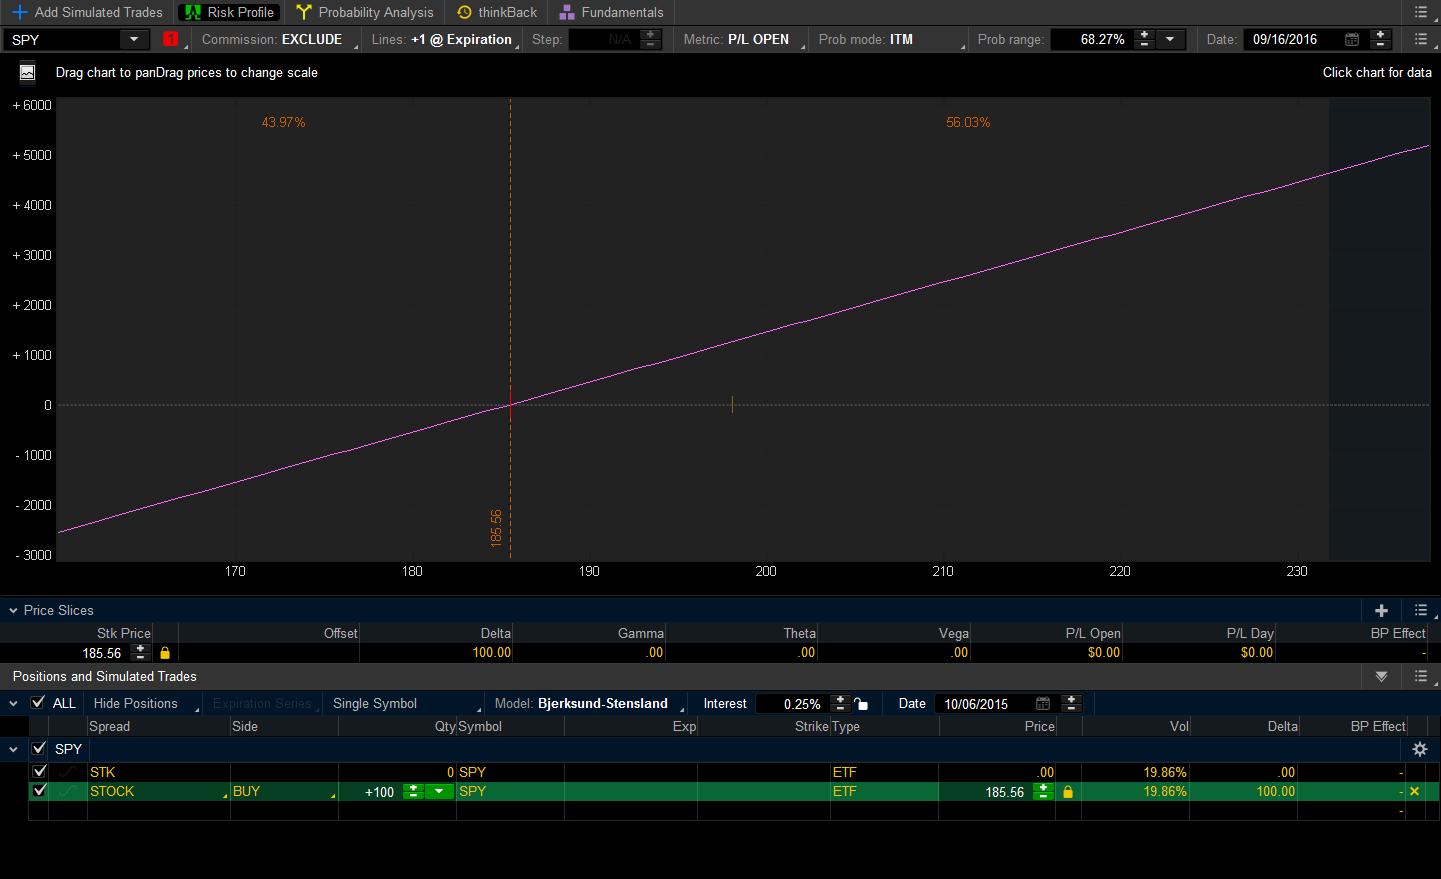 SPY Stock Risk Profile